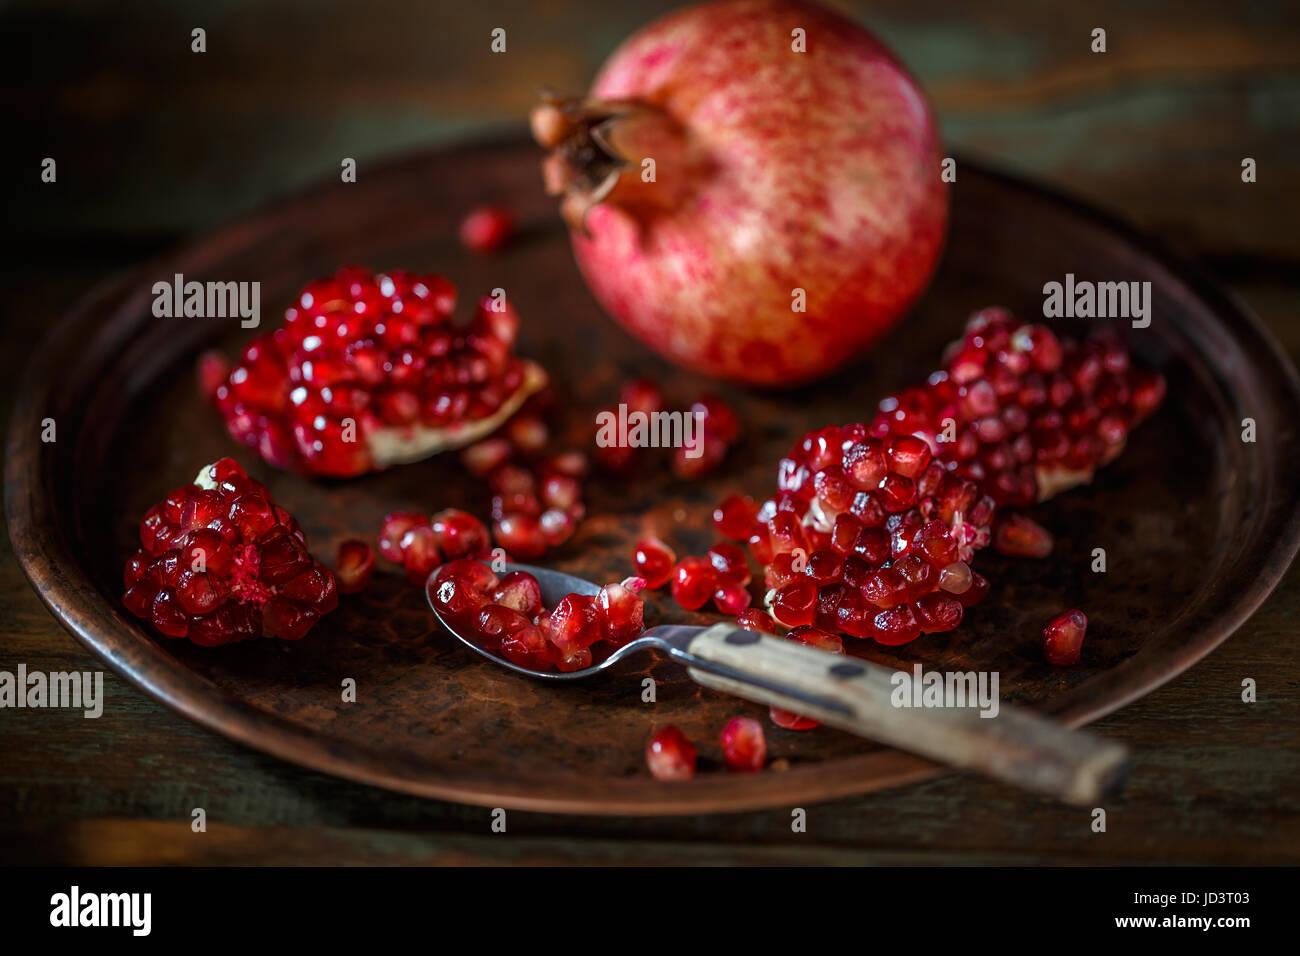 Ripe pomegranate fruit on  vintage background - Stock Image